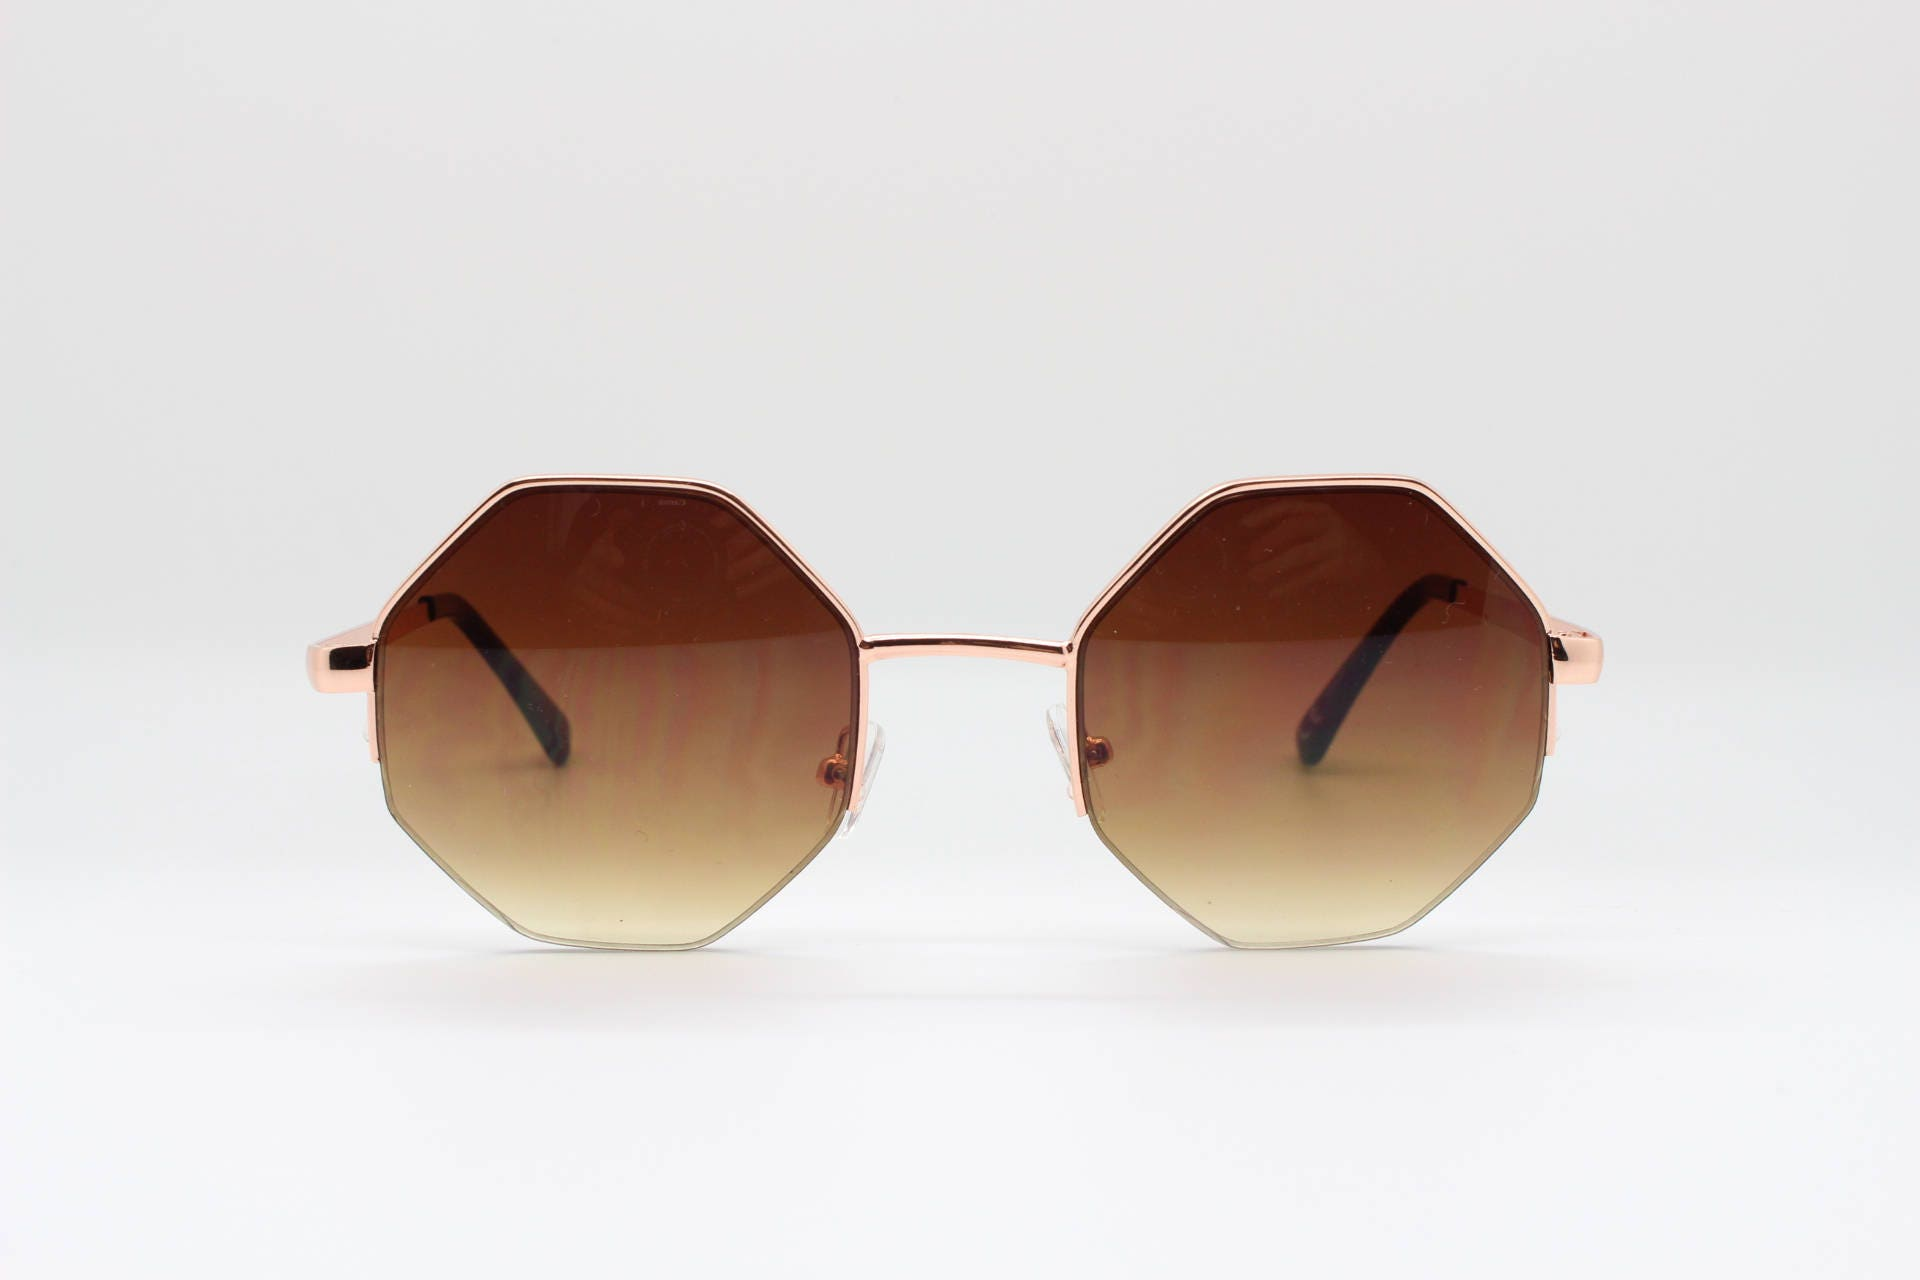 Achteck-Sonnenbrille. Braun 8 doppelseitige 60er Jahre Stil